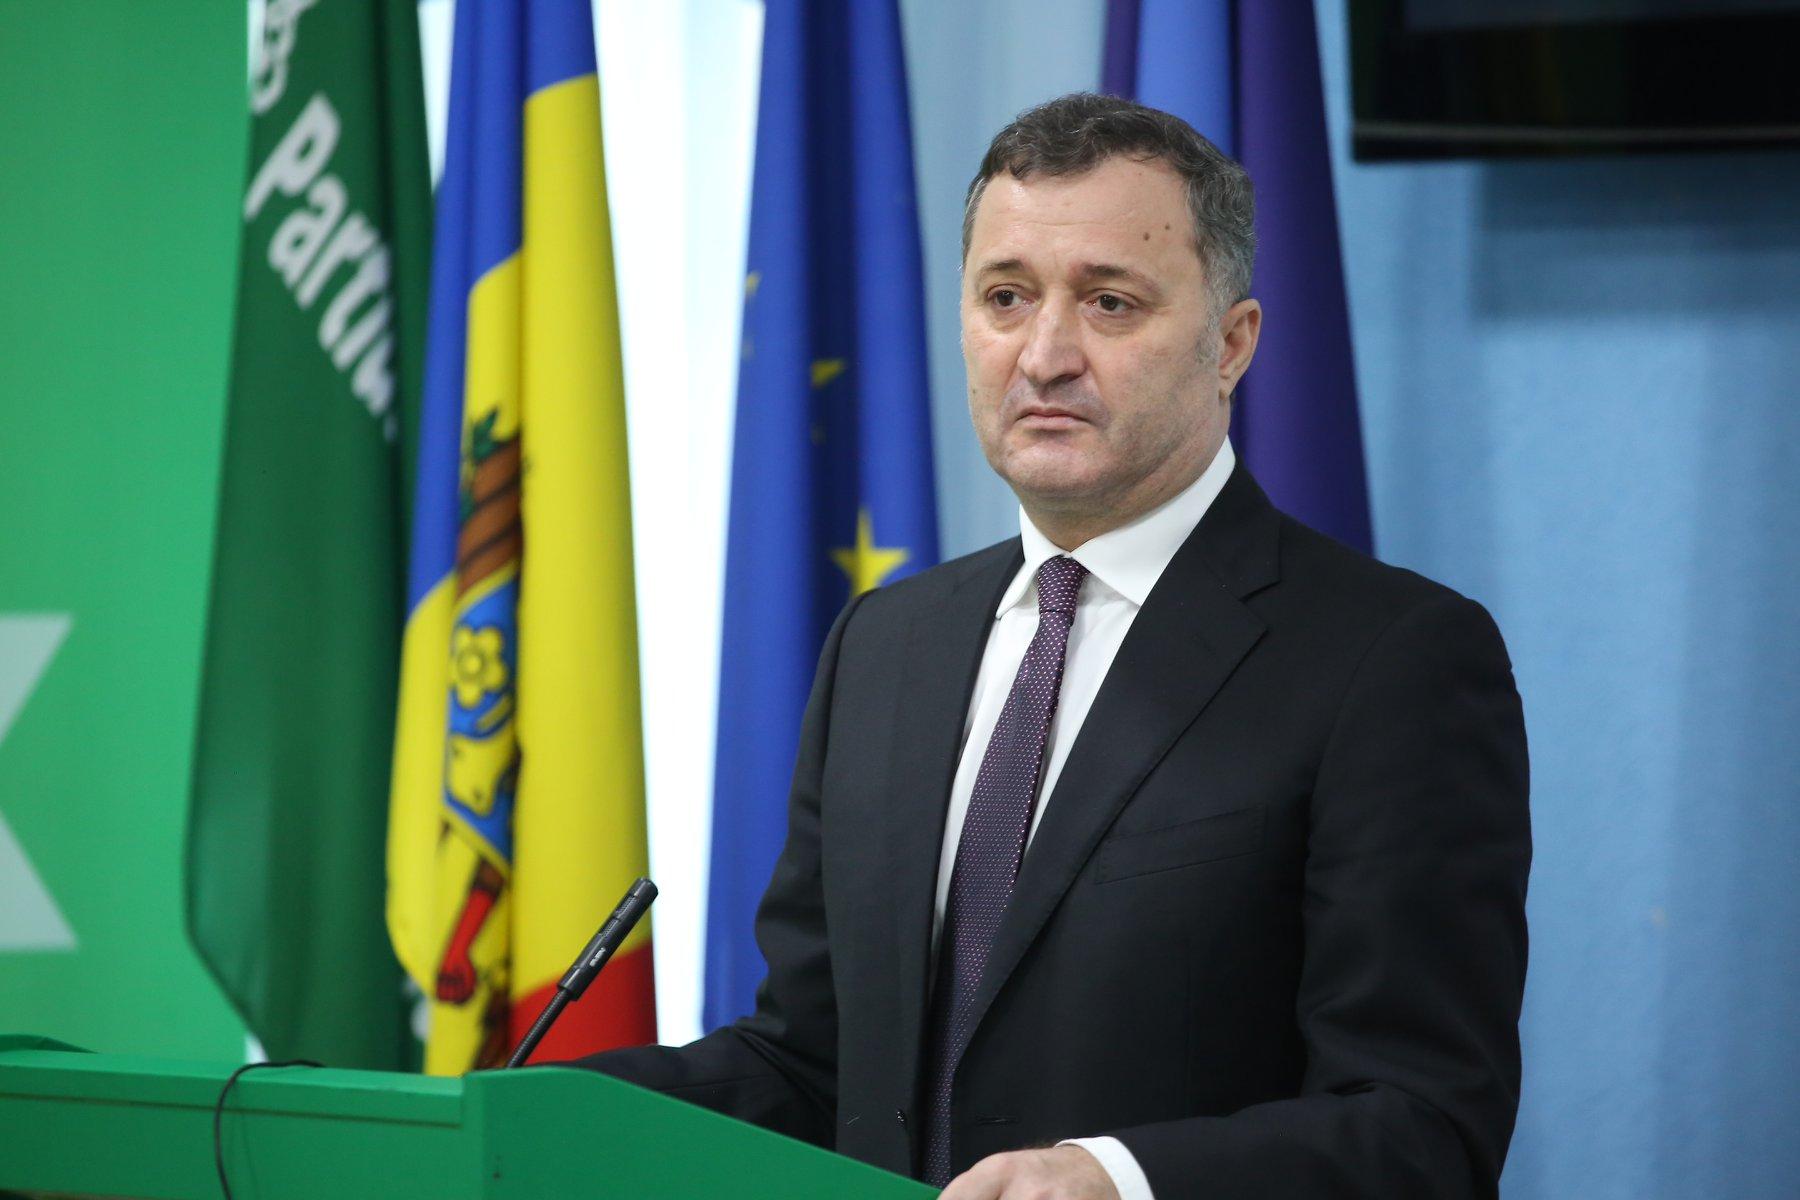 Vlad Filat: Odată cu instalarea noii puteri pro-europene, Republica Moldova a intrat într-o nouă etapă